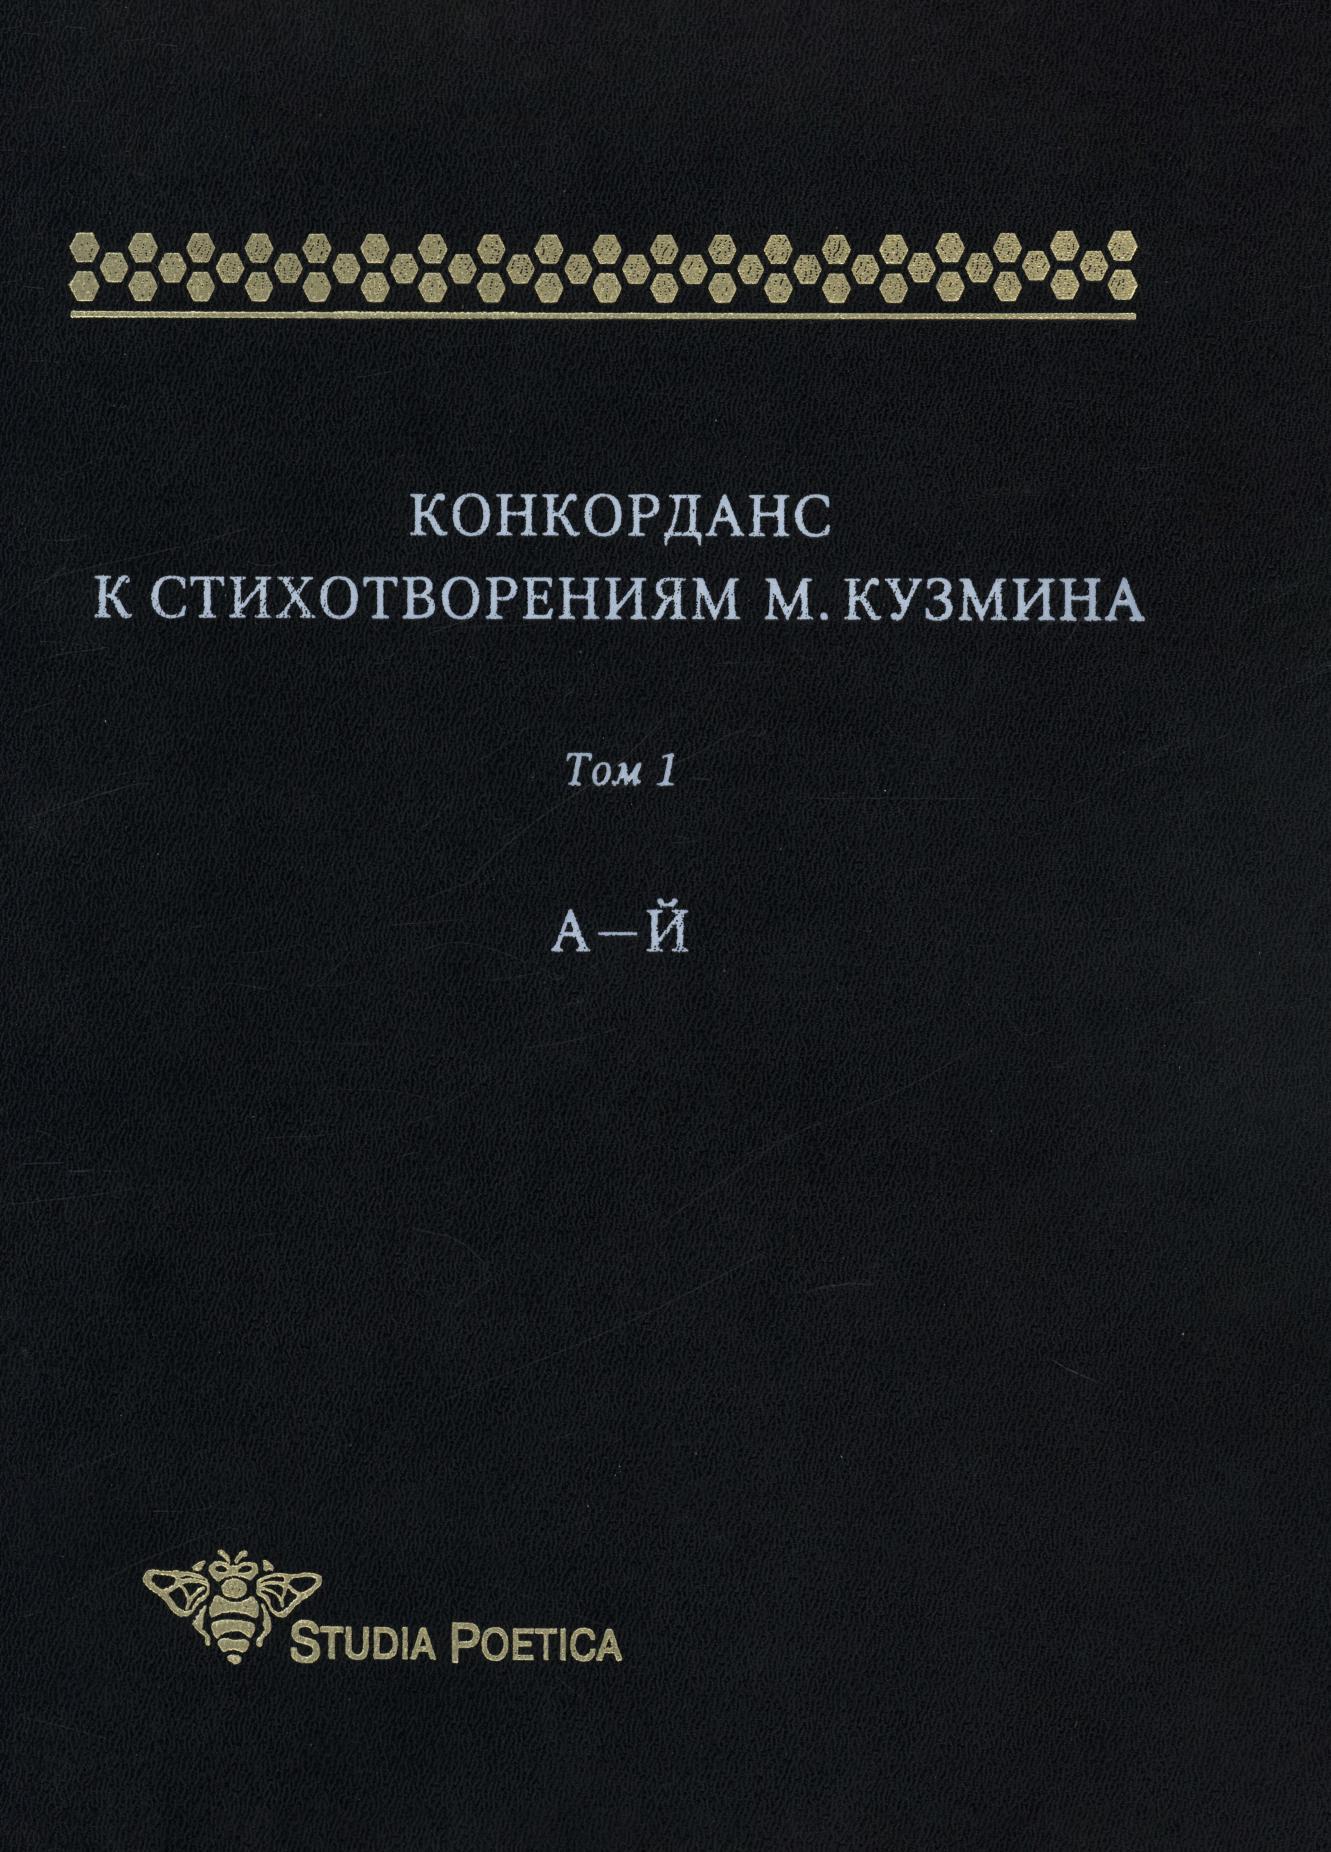 Анна Гик Конкорданс к стихотворениям М.Кузмина. Том 1. А - Й